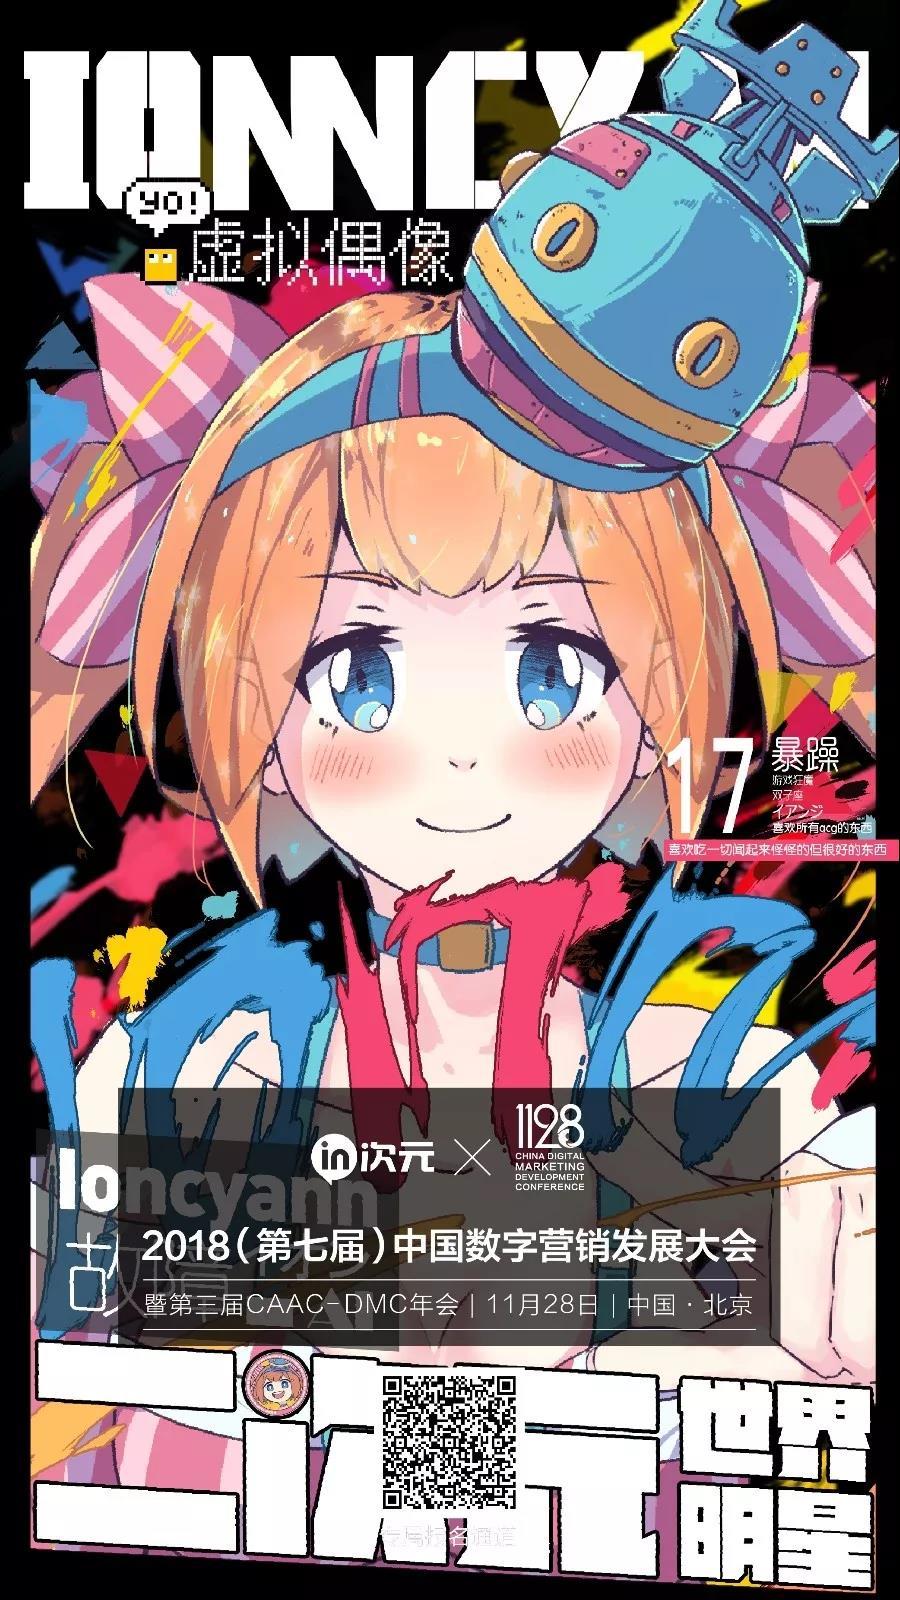 微信图片_20181123101133.jpg